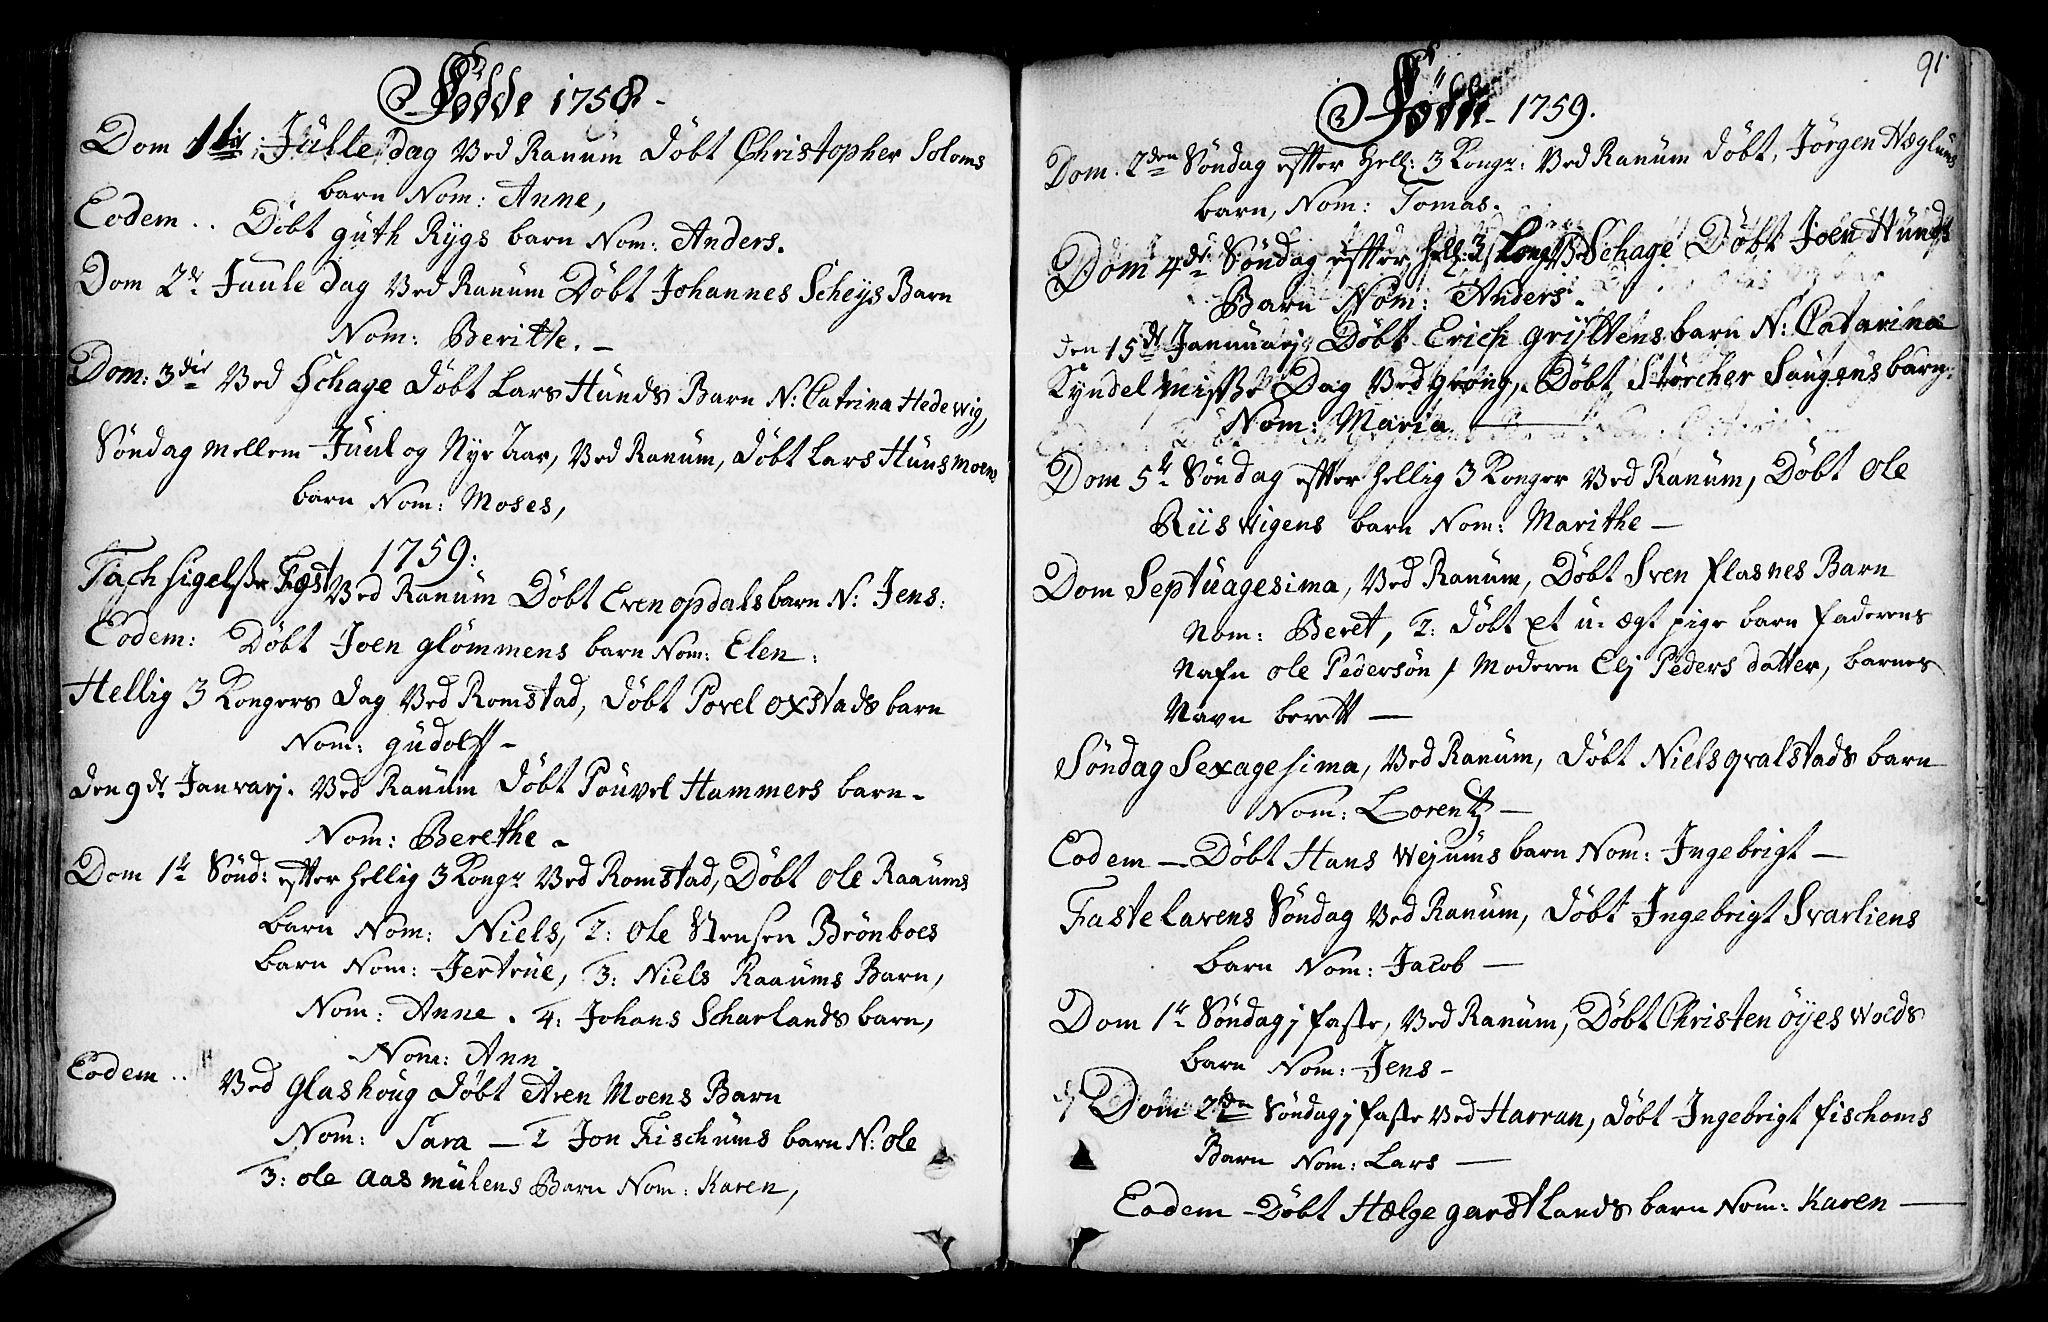 SAT, Ministerialprotokoller, klokkerbøker og fødselsregistre - Nord-Trøndelag, 764/L0542: Ministerialbok nr. 764A02, 1748-1779, s. 91